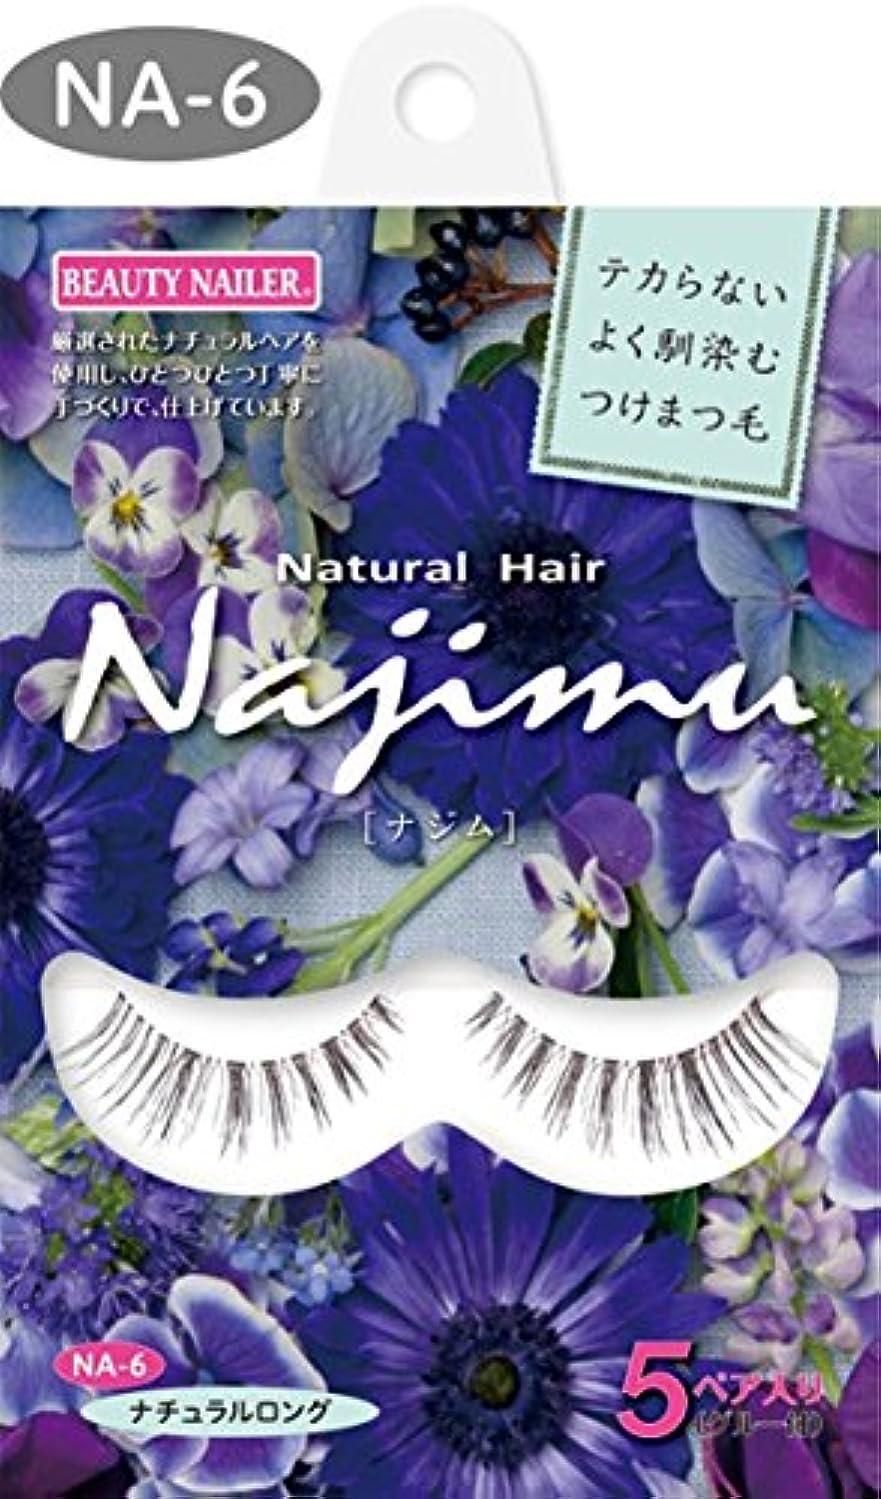 適切に人口オアシスビューティーネイラー ナチュラルヘア ナジム つけまつ毛 NA-6 ナチュラルロング